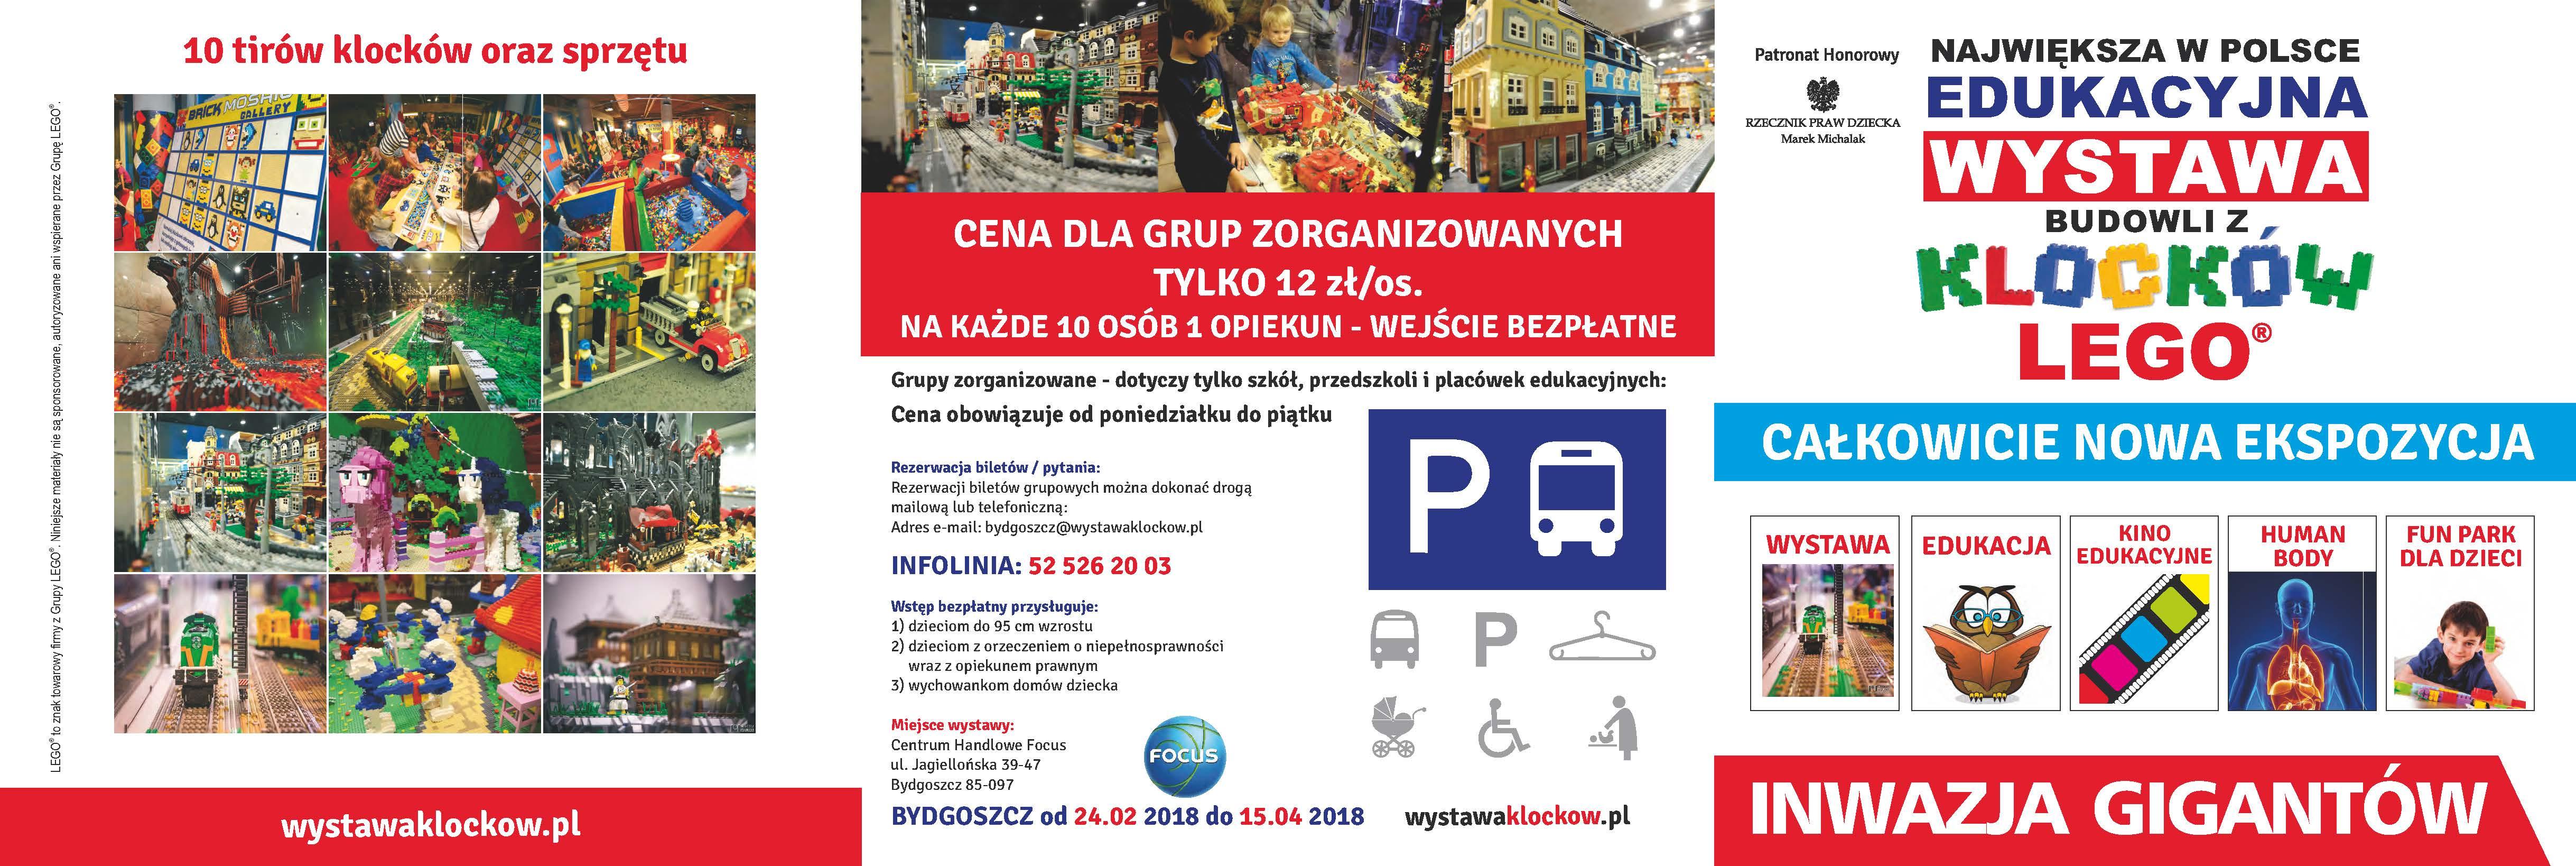 Tryptyk_BYDGOSZCZ-WWW_Strona_1